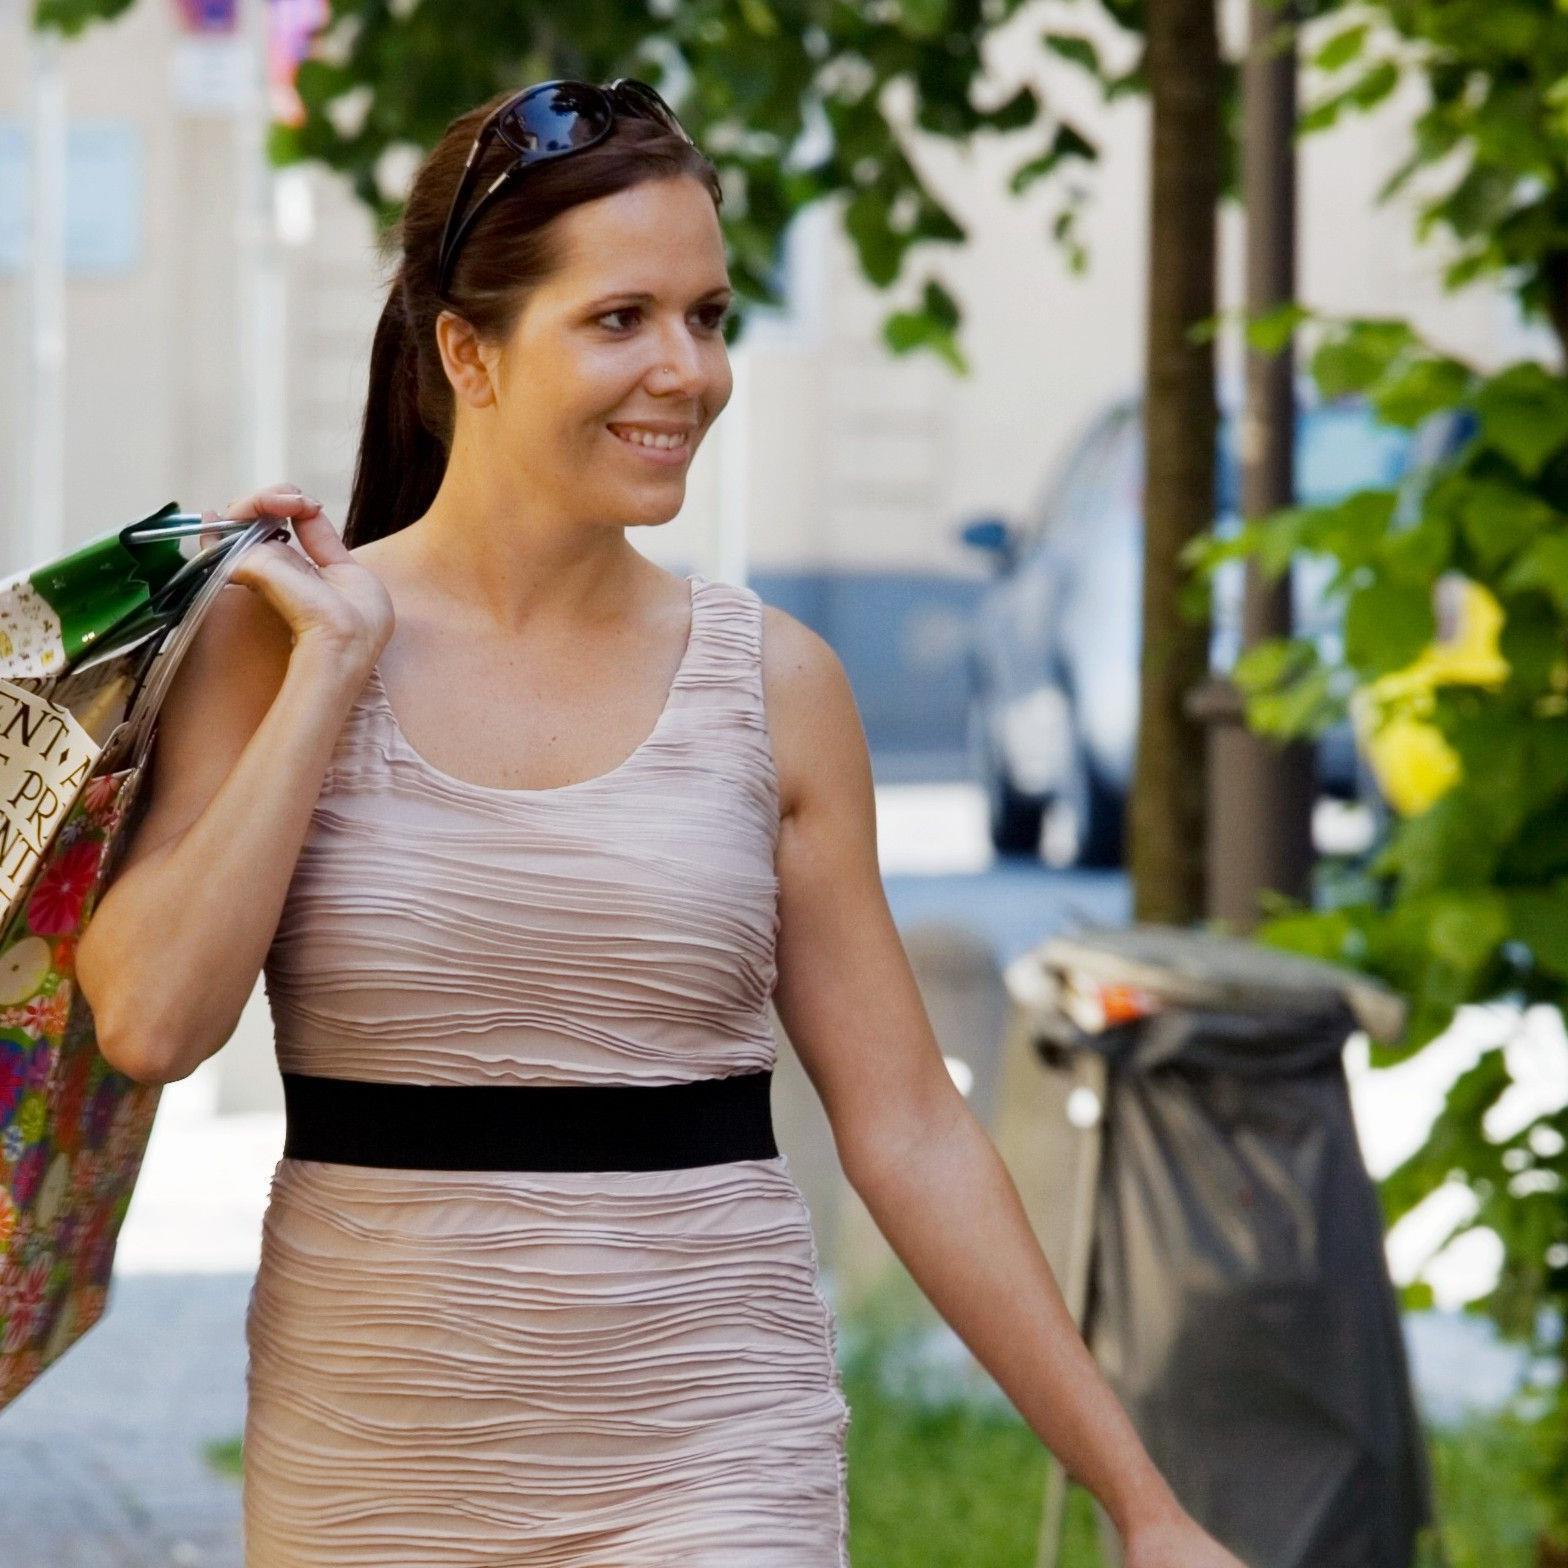 """Am """"Woman Day"""" am 19. April 2012 locken zahlreiche Schnäppchen in die Shops."""